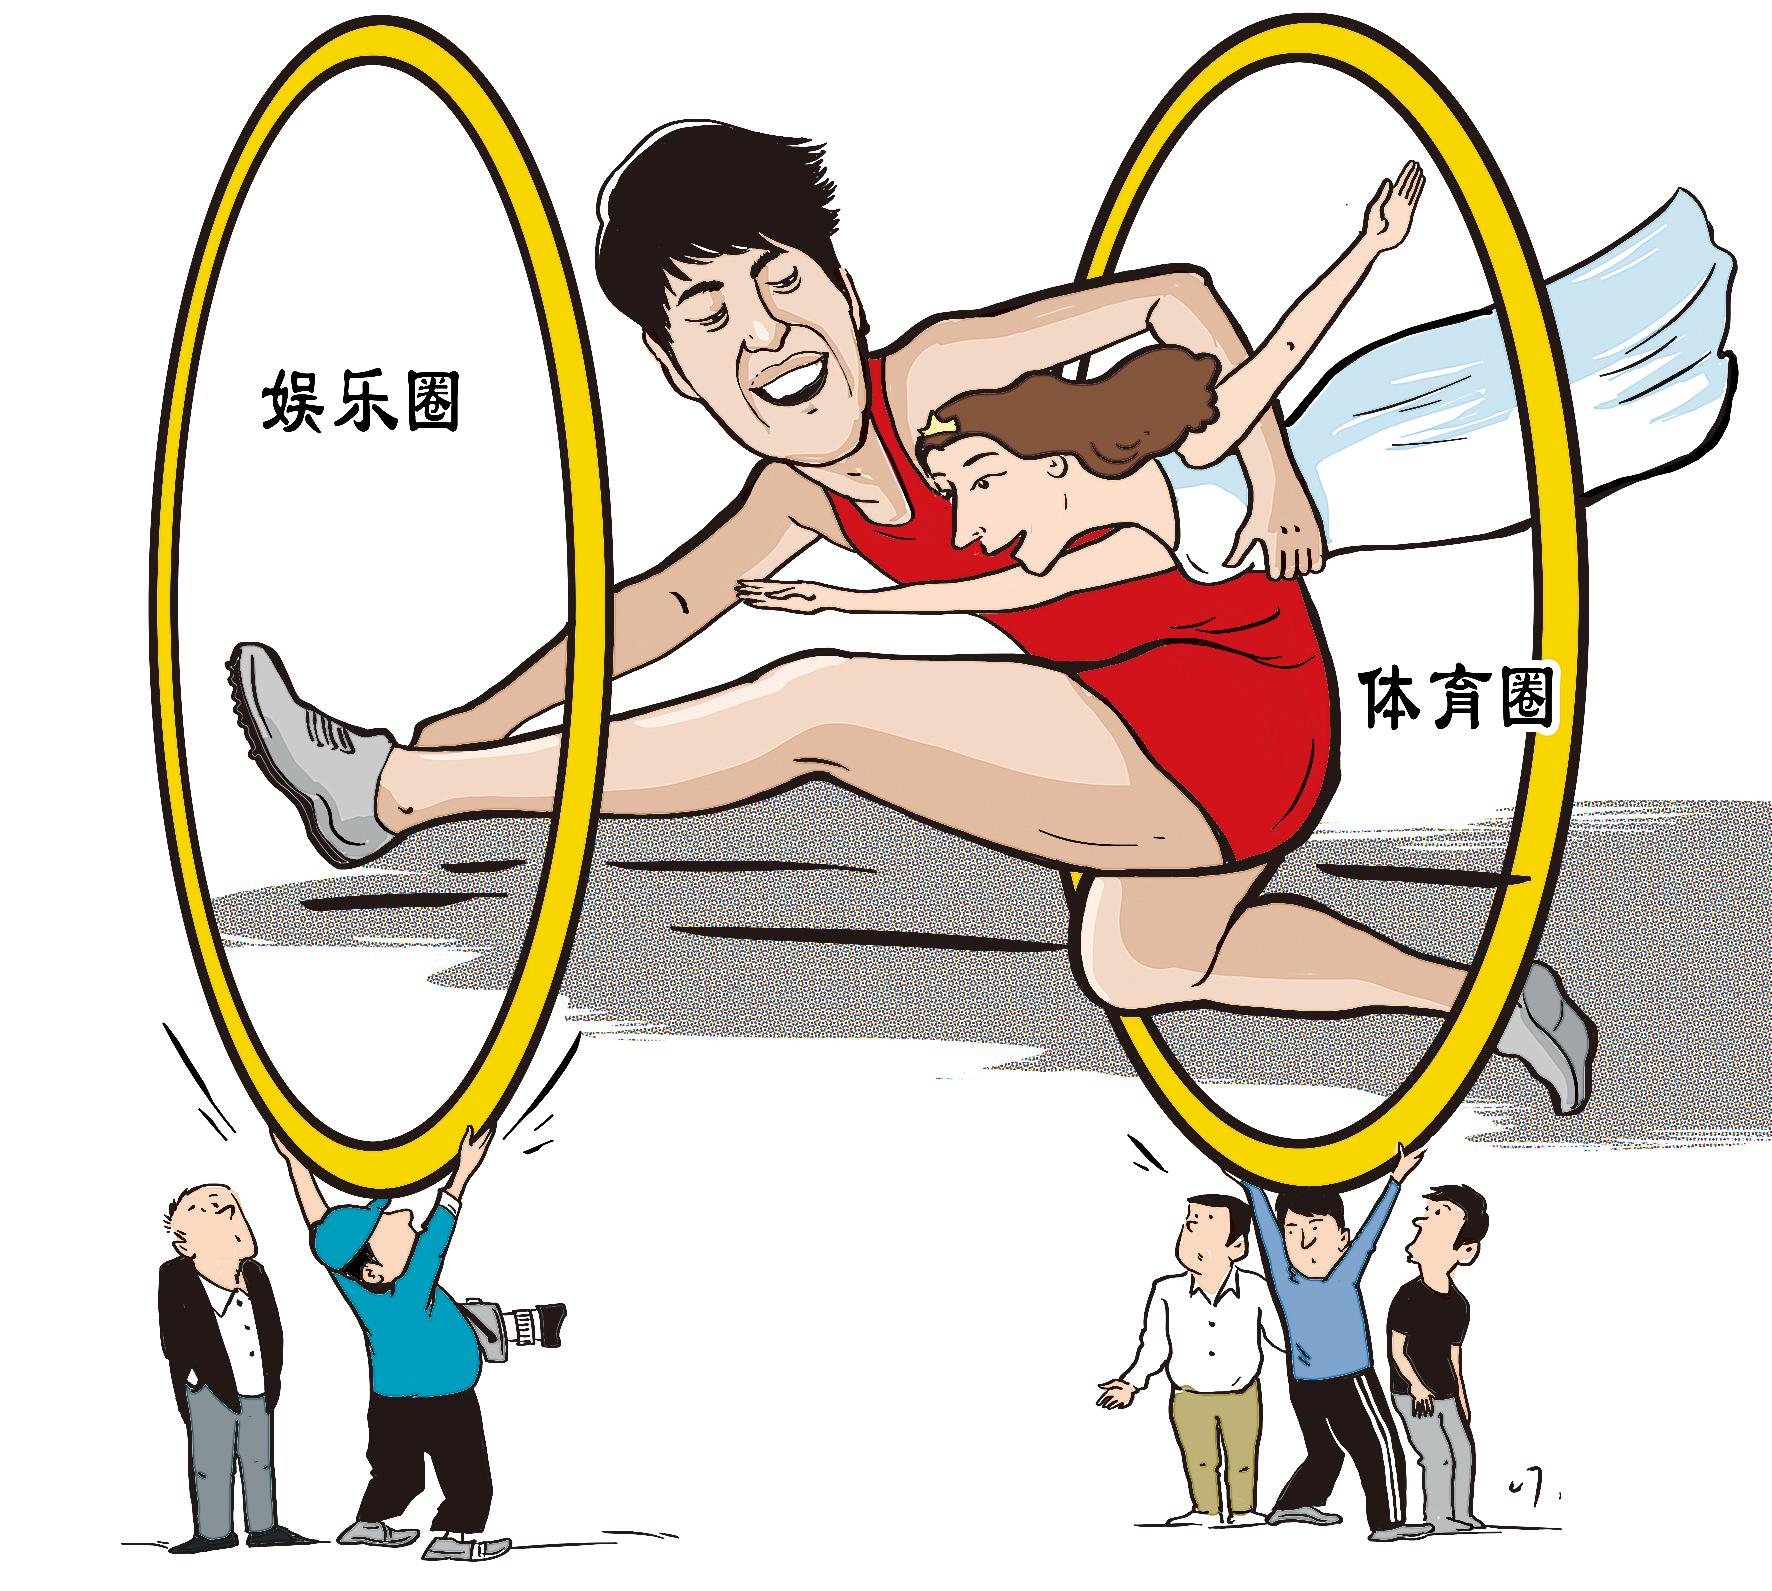 刘翔卡通简笔画